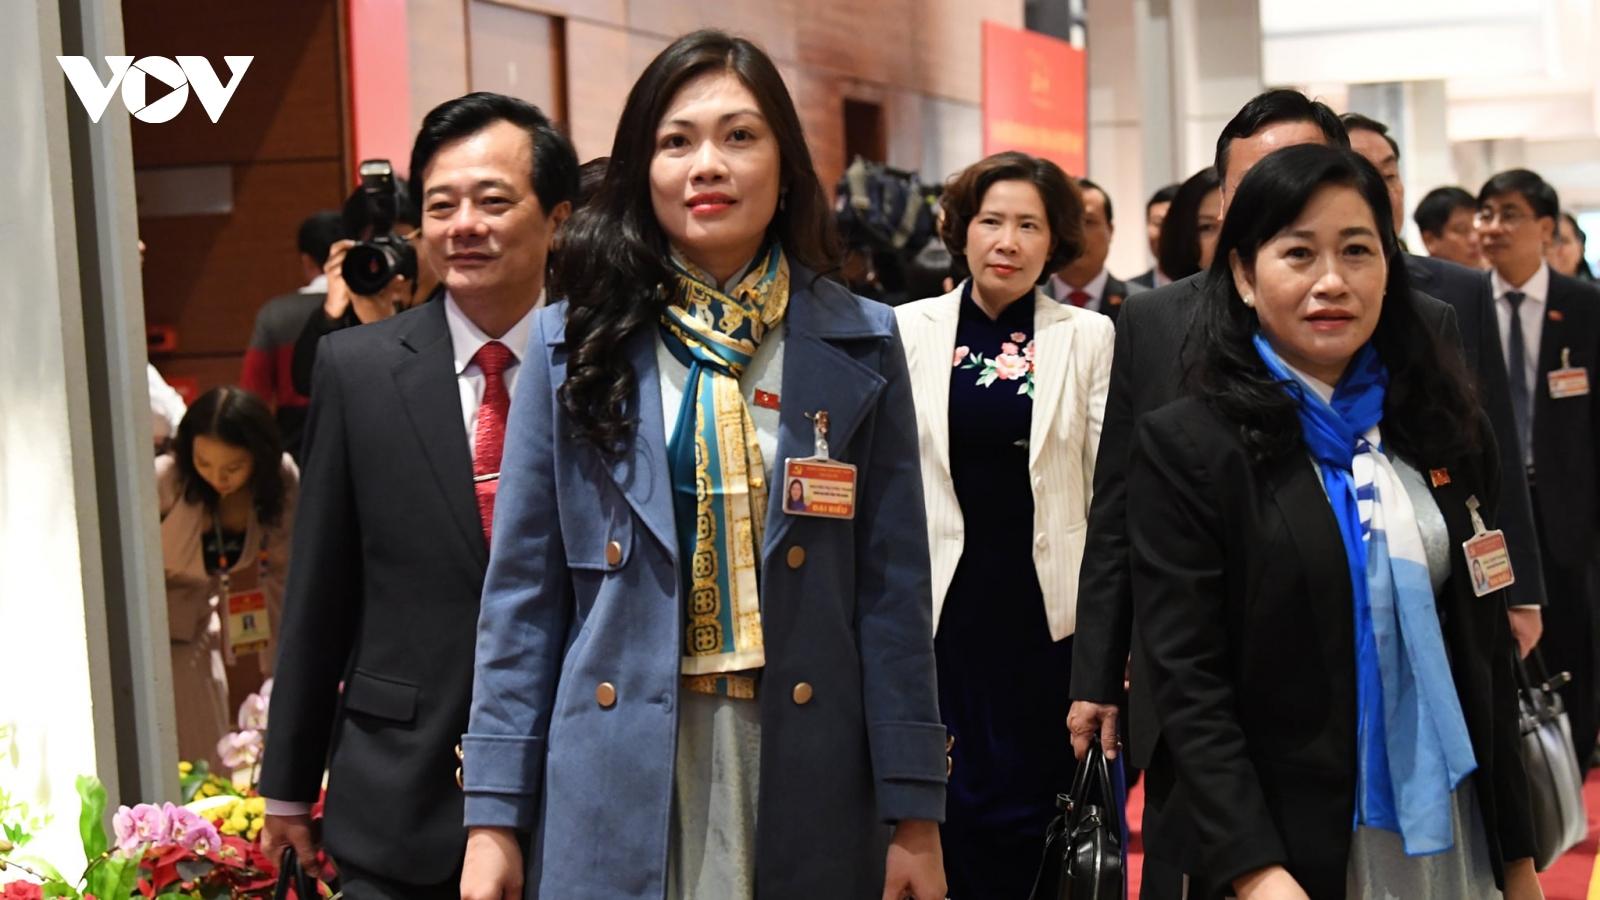 Hôm nay, Đại hội đại biểu toàn quốc lần thứ XIII của Đảng họp phiên trù bị